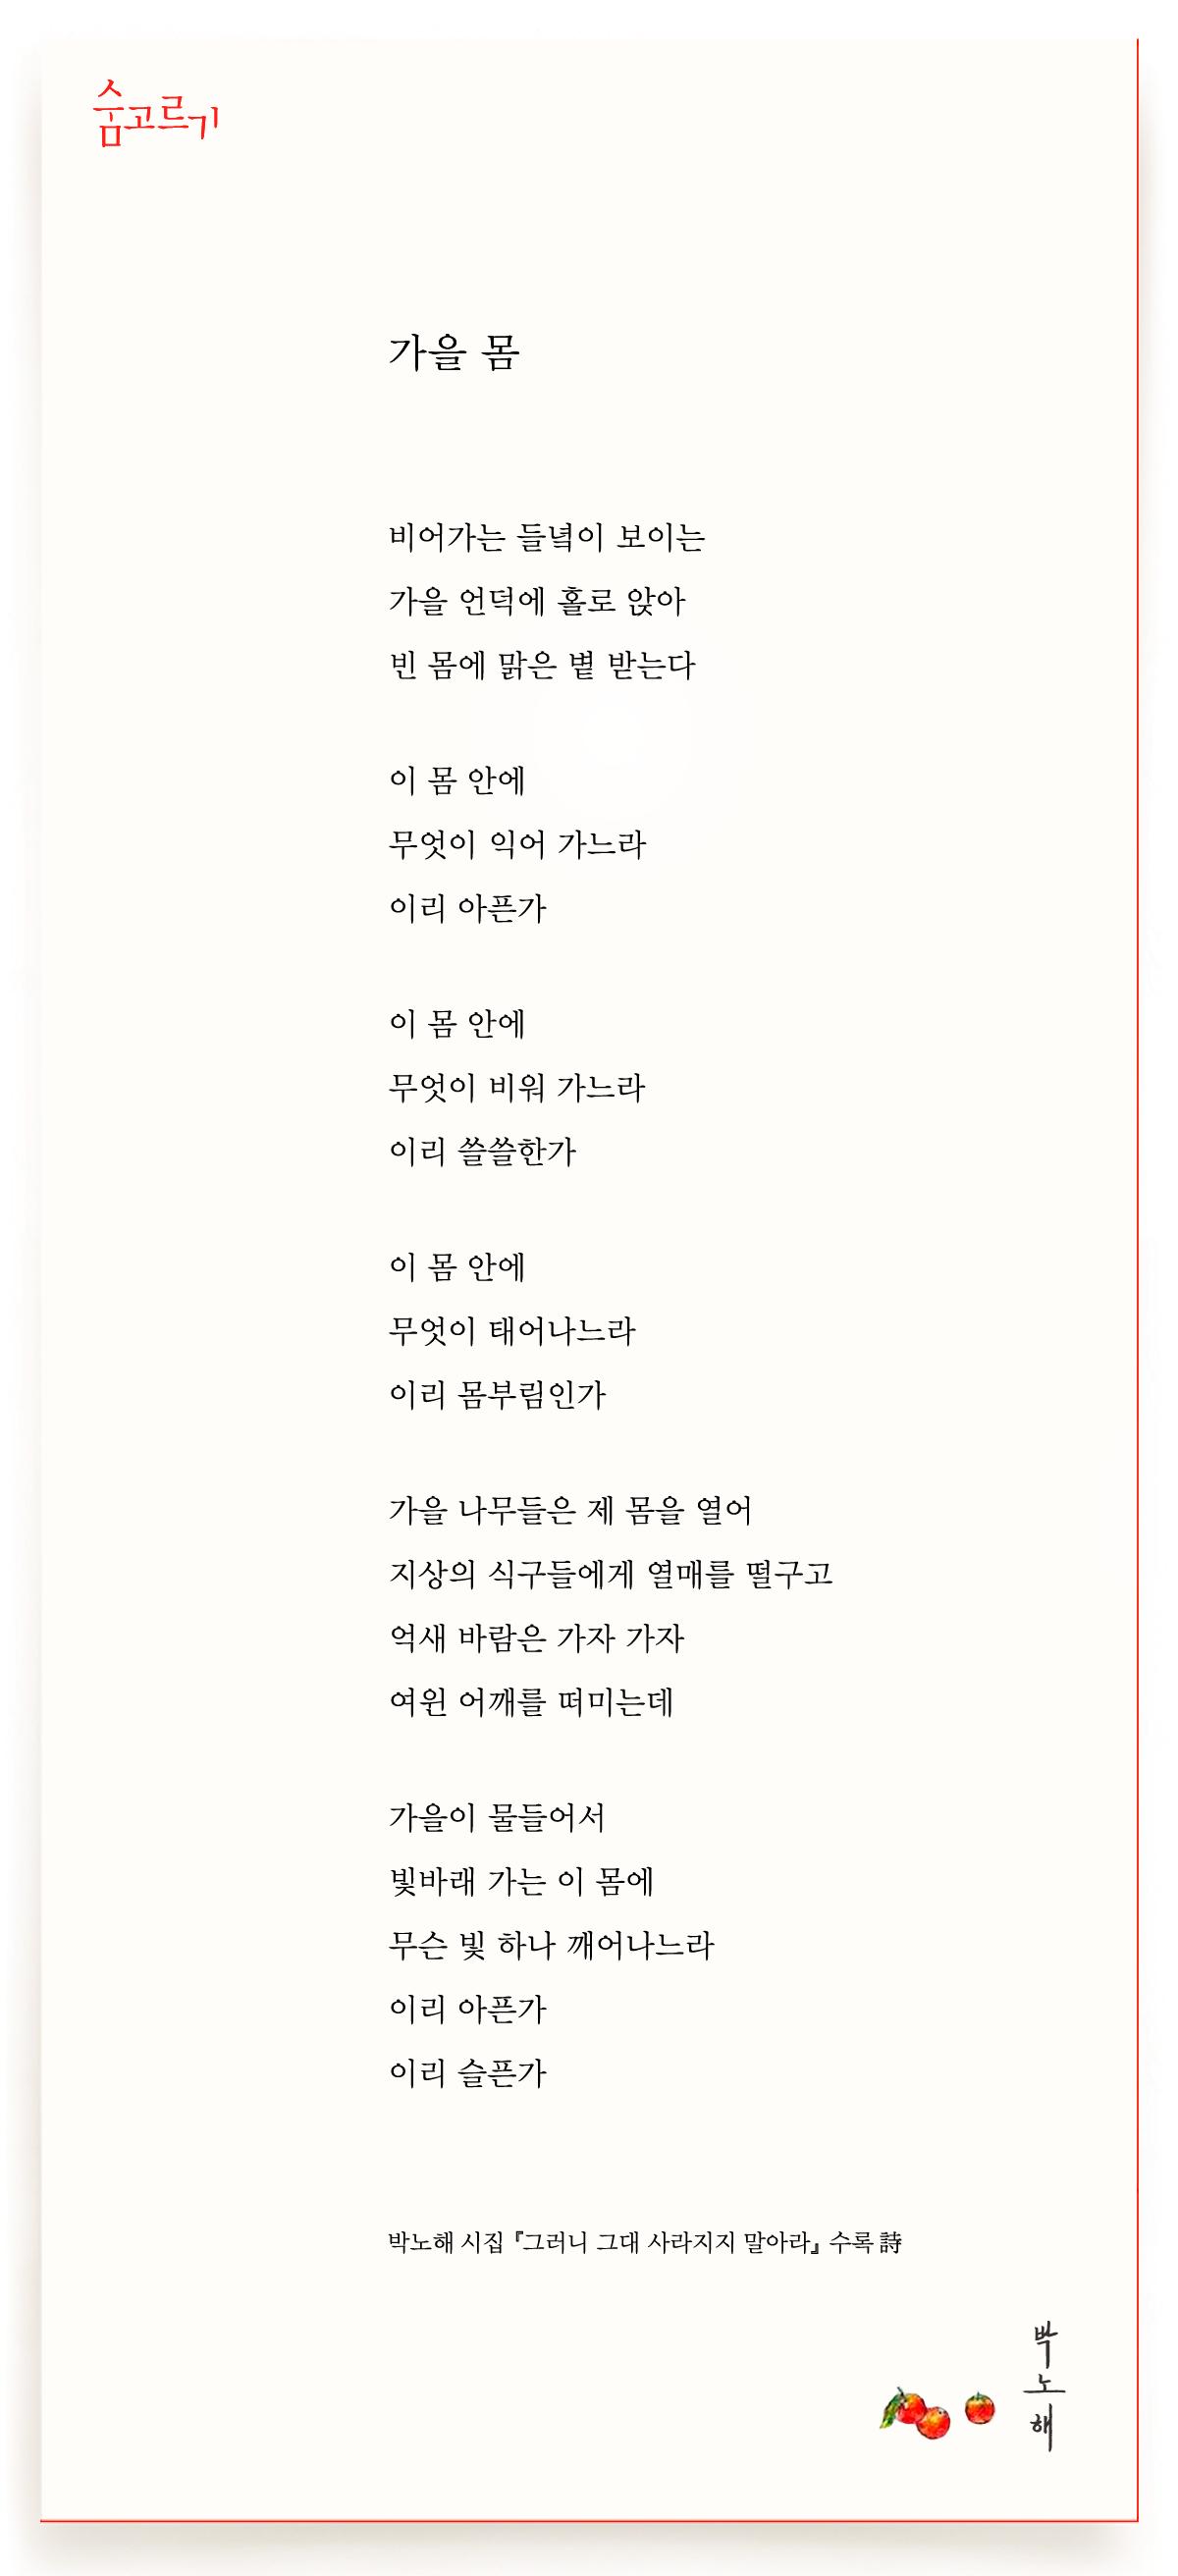 박노해의 숨고르기 가을 몸